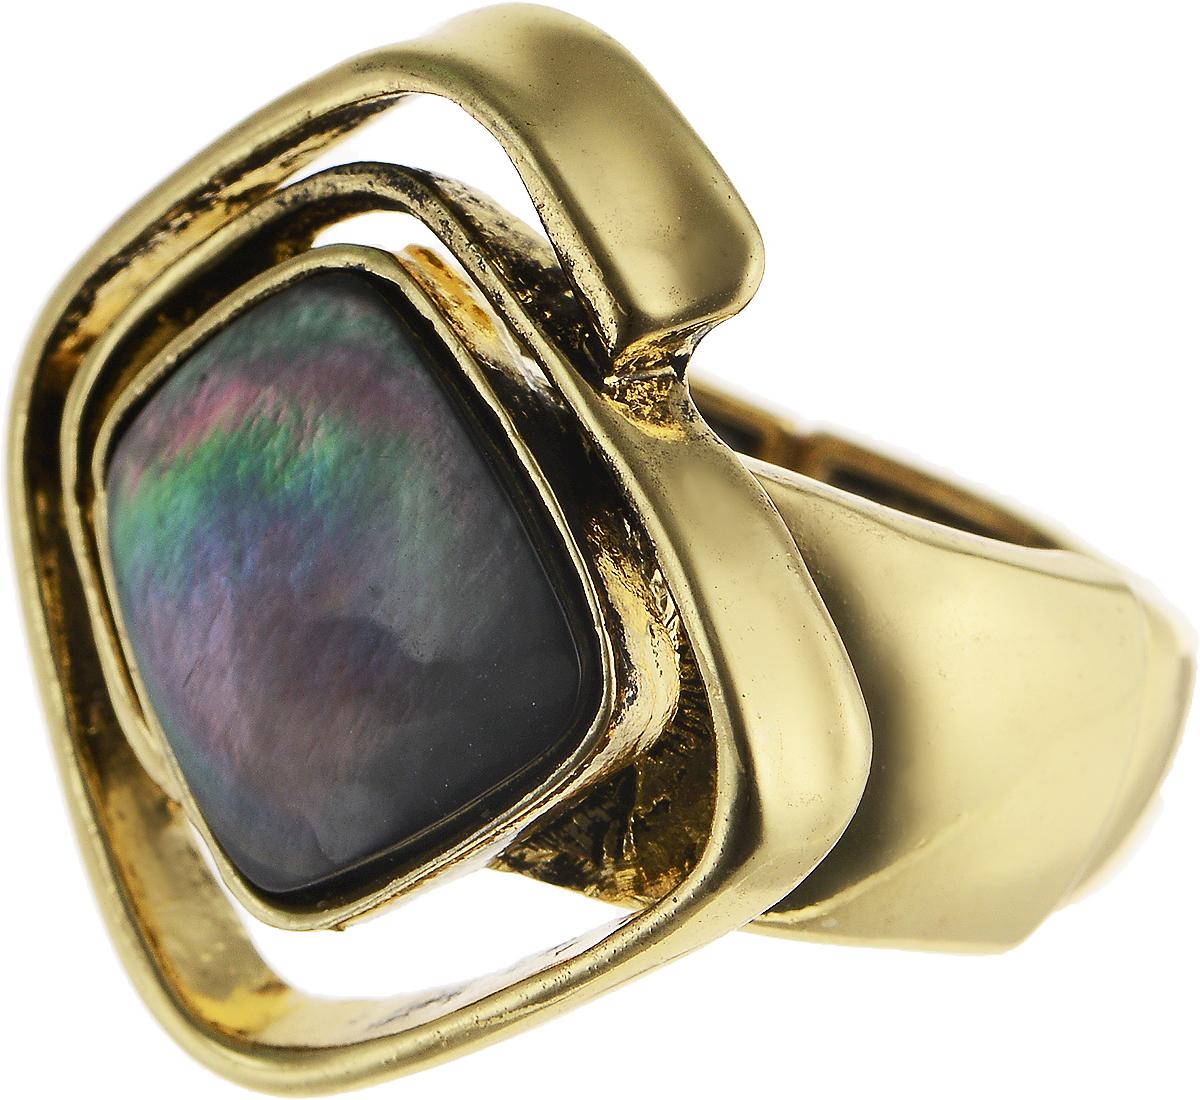 Кольцо Модные истории, цвет: золотистый. 17/004817/0048Стильное растягивающееся кольцо Модные истории выполнено из бижутерийного сплава с гальваническим покрытием. Изделие имеет закрученную форму с вставкой из натурального перламутра. Оригинальное кольцо придаст вашему образу изюминку, подчеркнет индивидуальность.